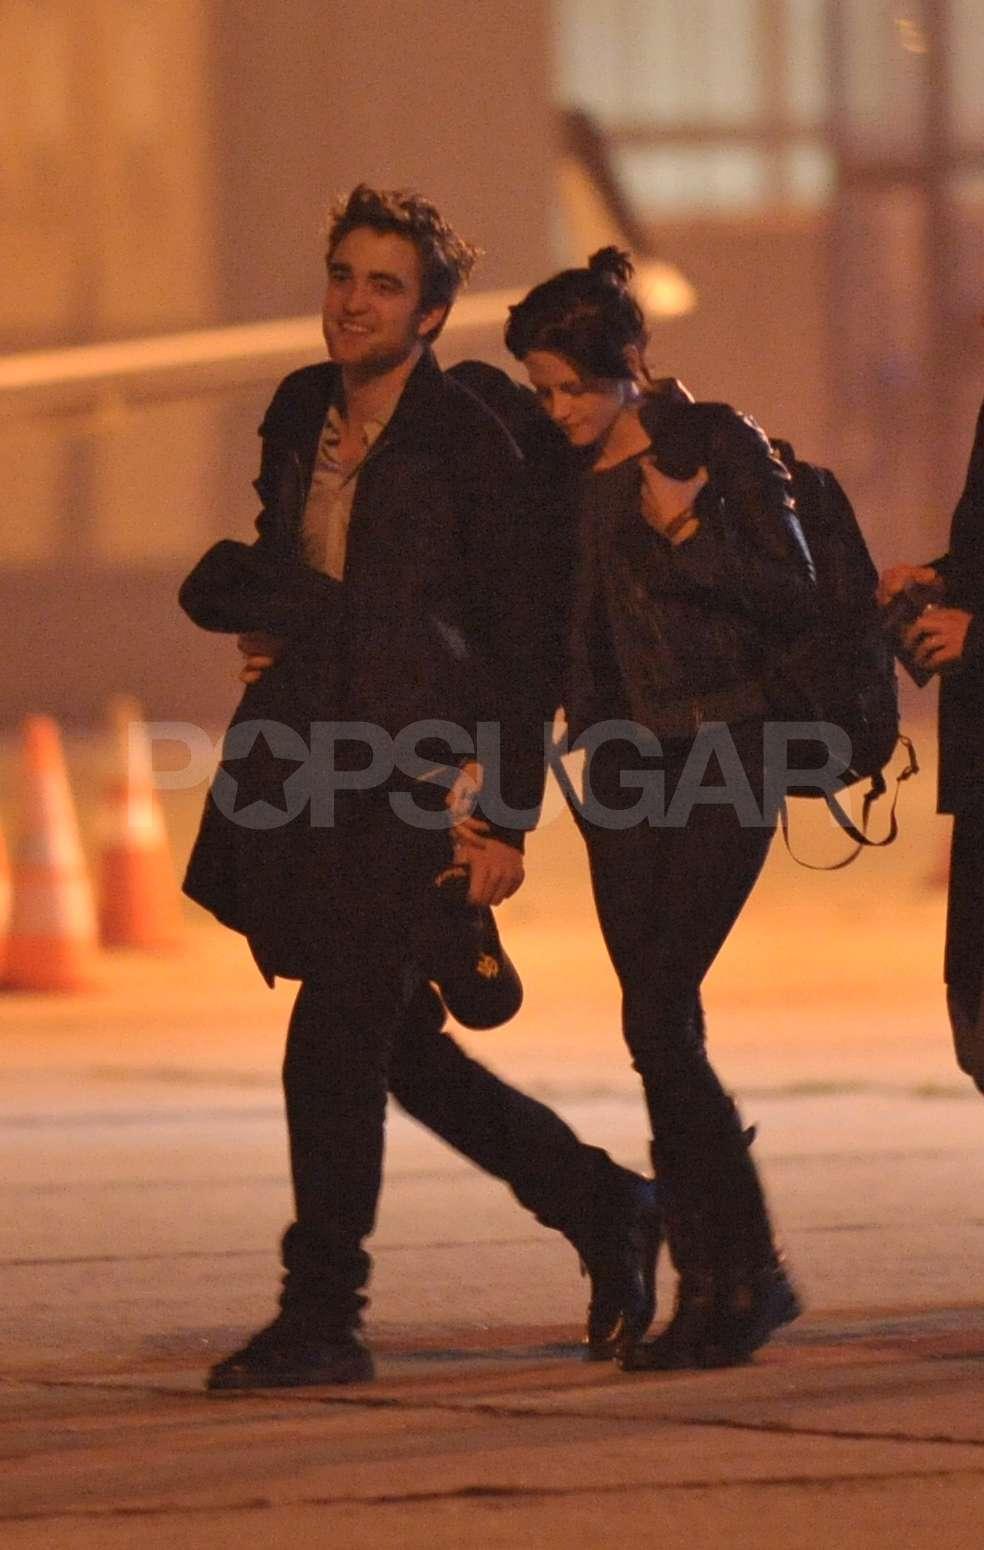 Robert Pattinson and Kristen Stewart Holding Hands in Paris